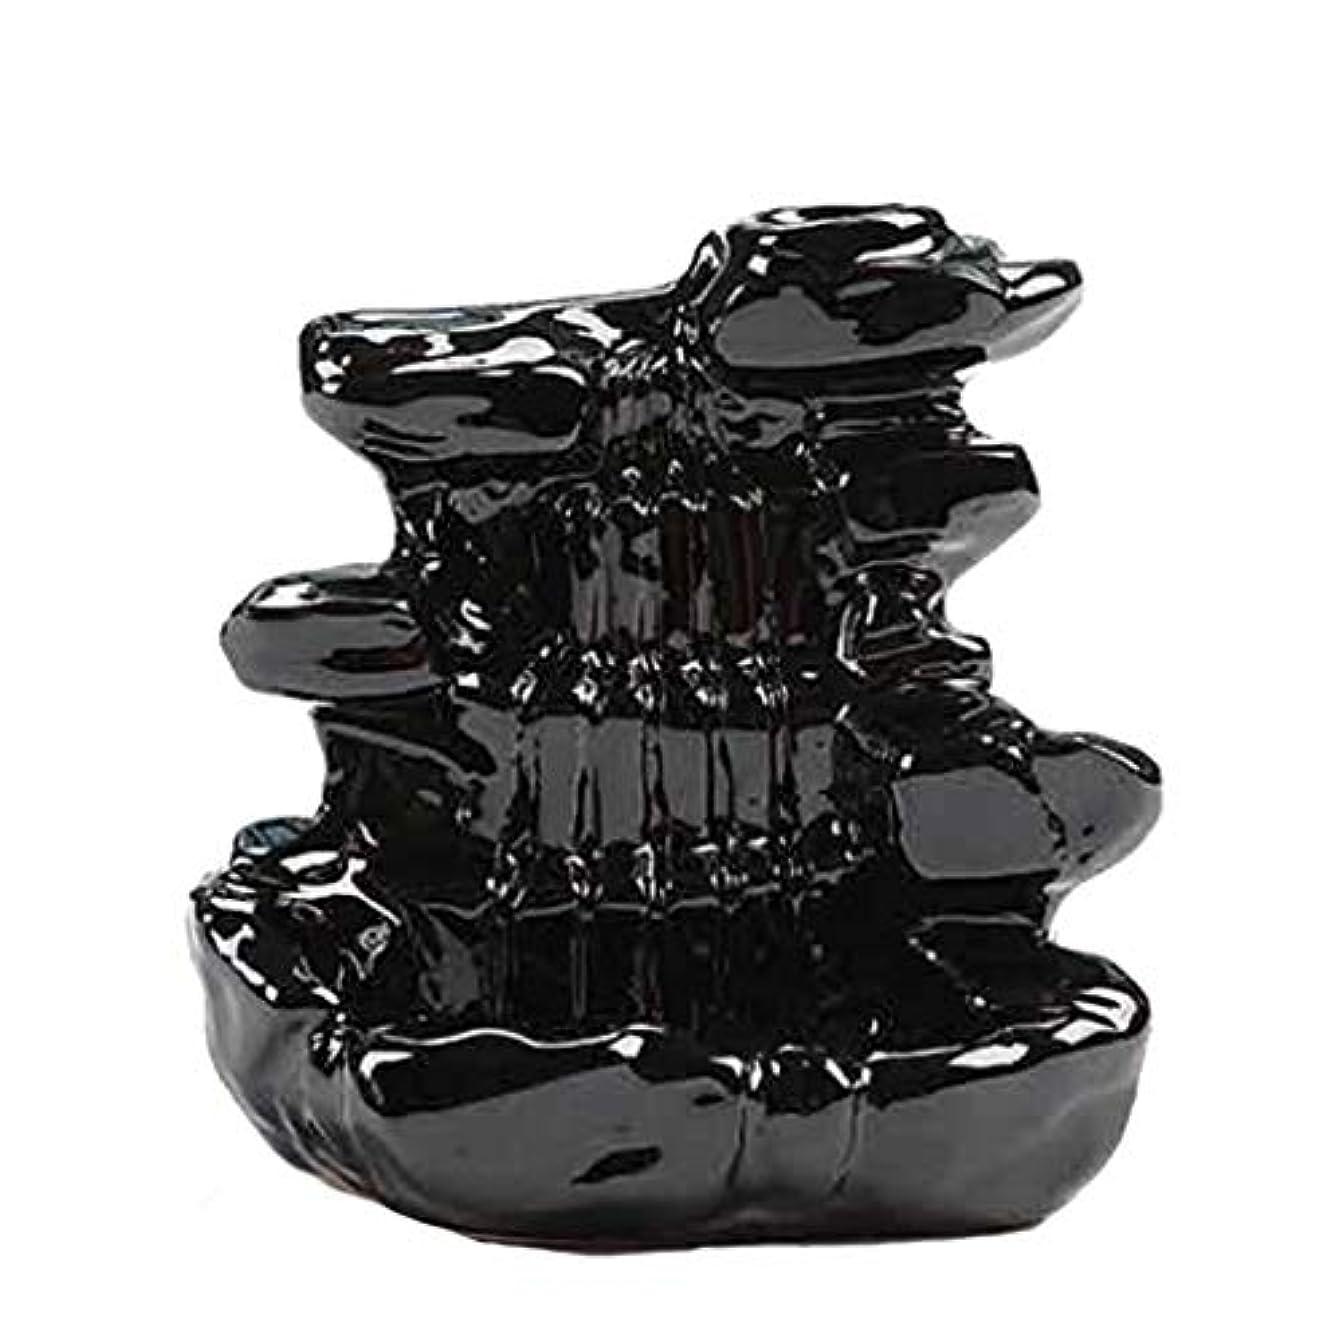 エージェントすり減る含める芳香器?アロマバーナー 家の装飾逆流香バーナーセラミックコーン滝香ホルダー仏教香炉 アロマバーナー芳香器 (Color : B)